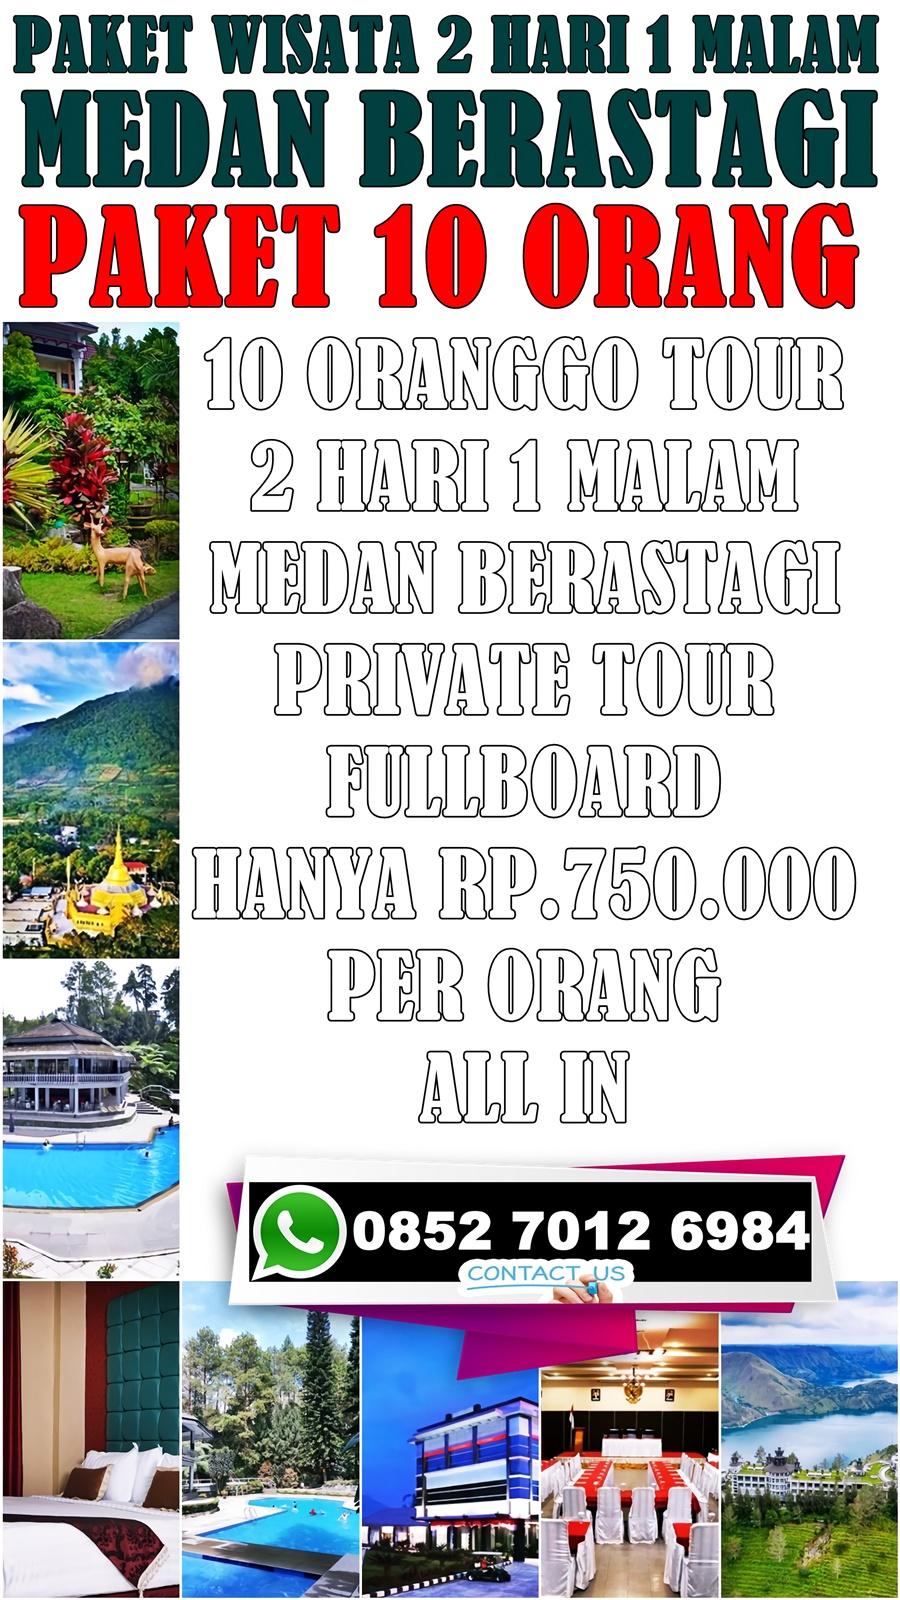 Promo Paket Tour Medan Berastagi